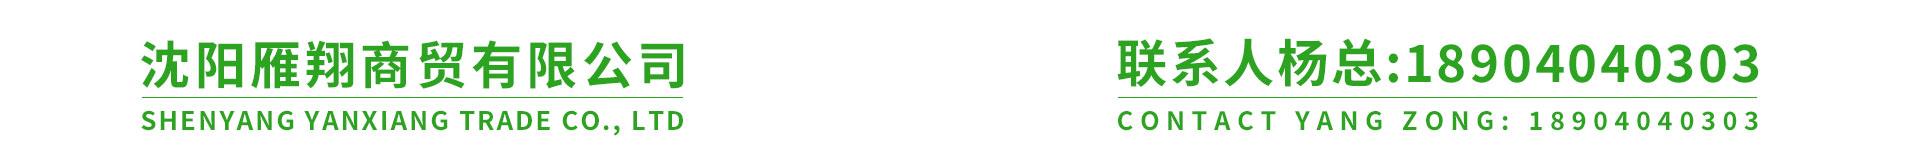 沈阳雁翔商贸有限公司